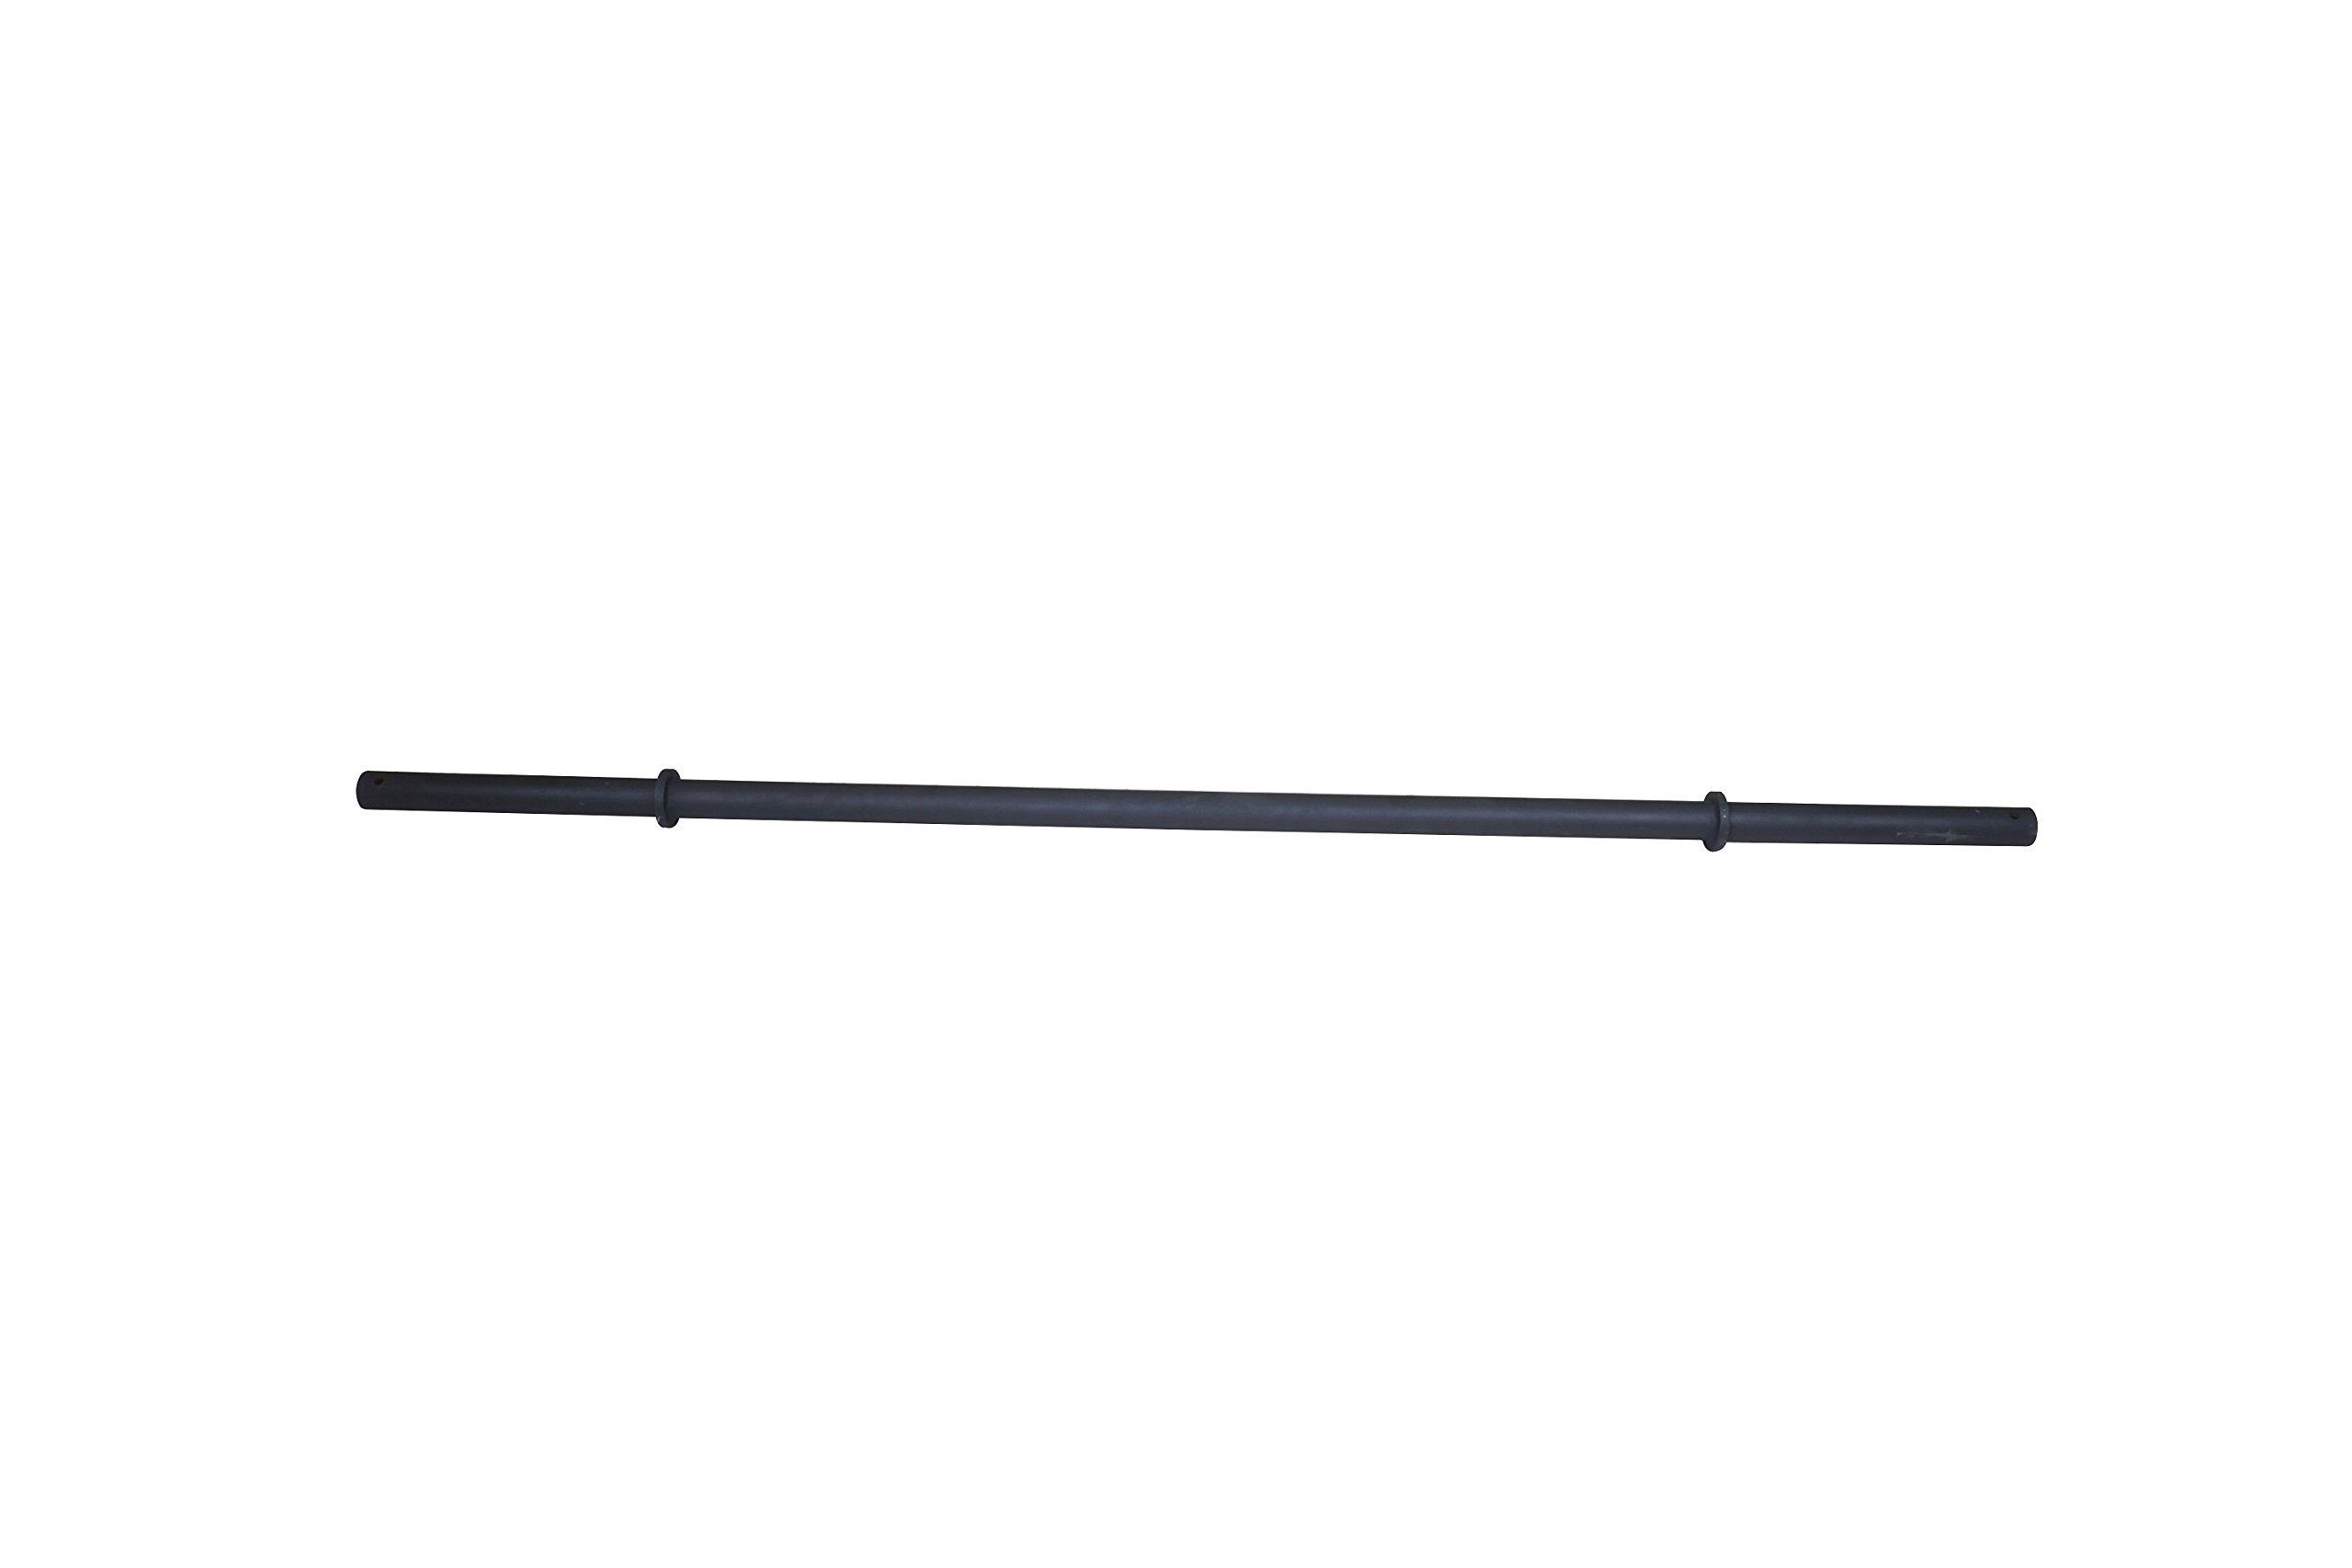 Titan 84'' Axle Barbell 30 lb Fat Bar by Titan Fitness